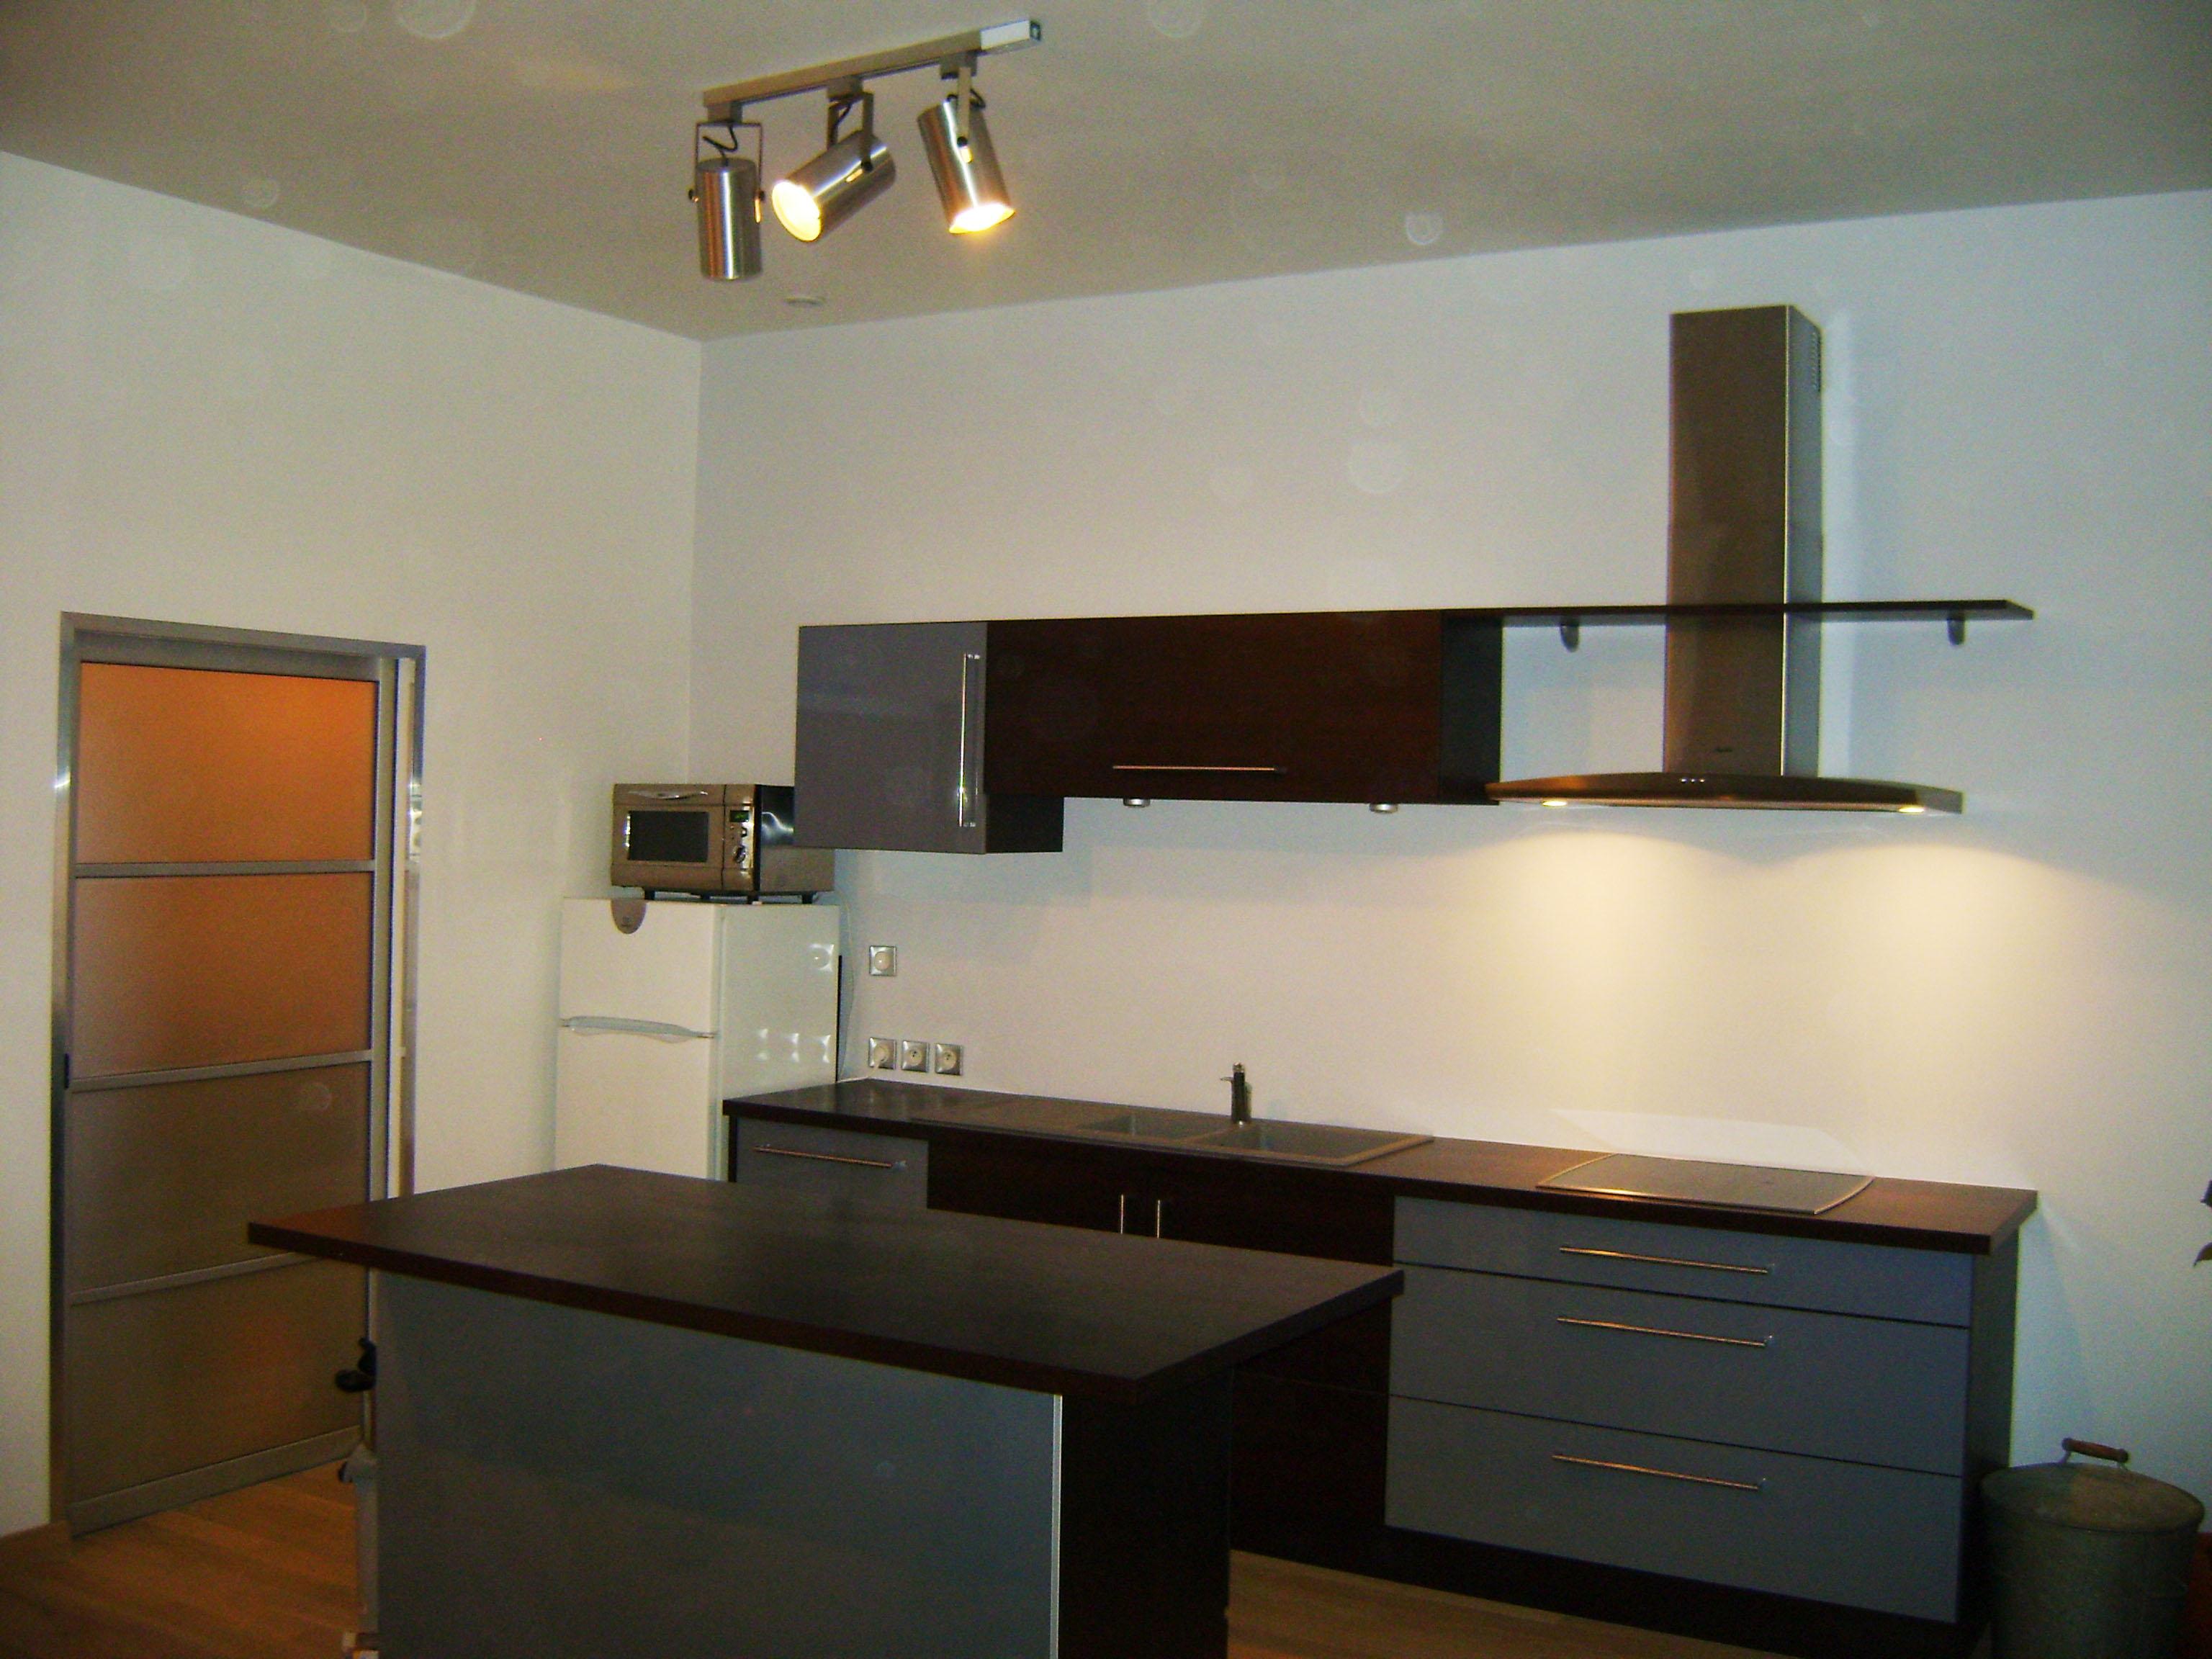 agencement d 39 un espace cuisine l 39 am ricaine renoveo. Black Bedroom Furniture Sets. Home Design Ideas